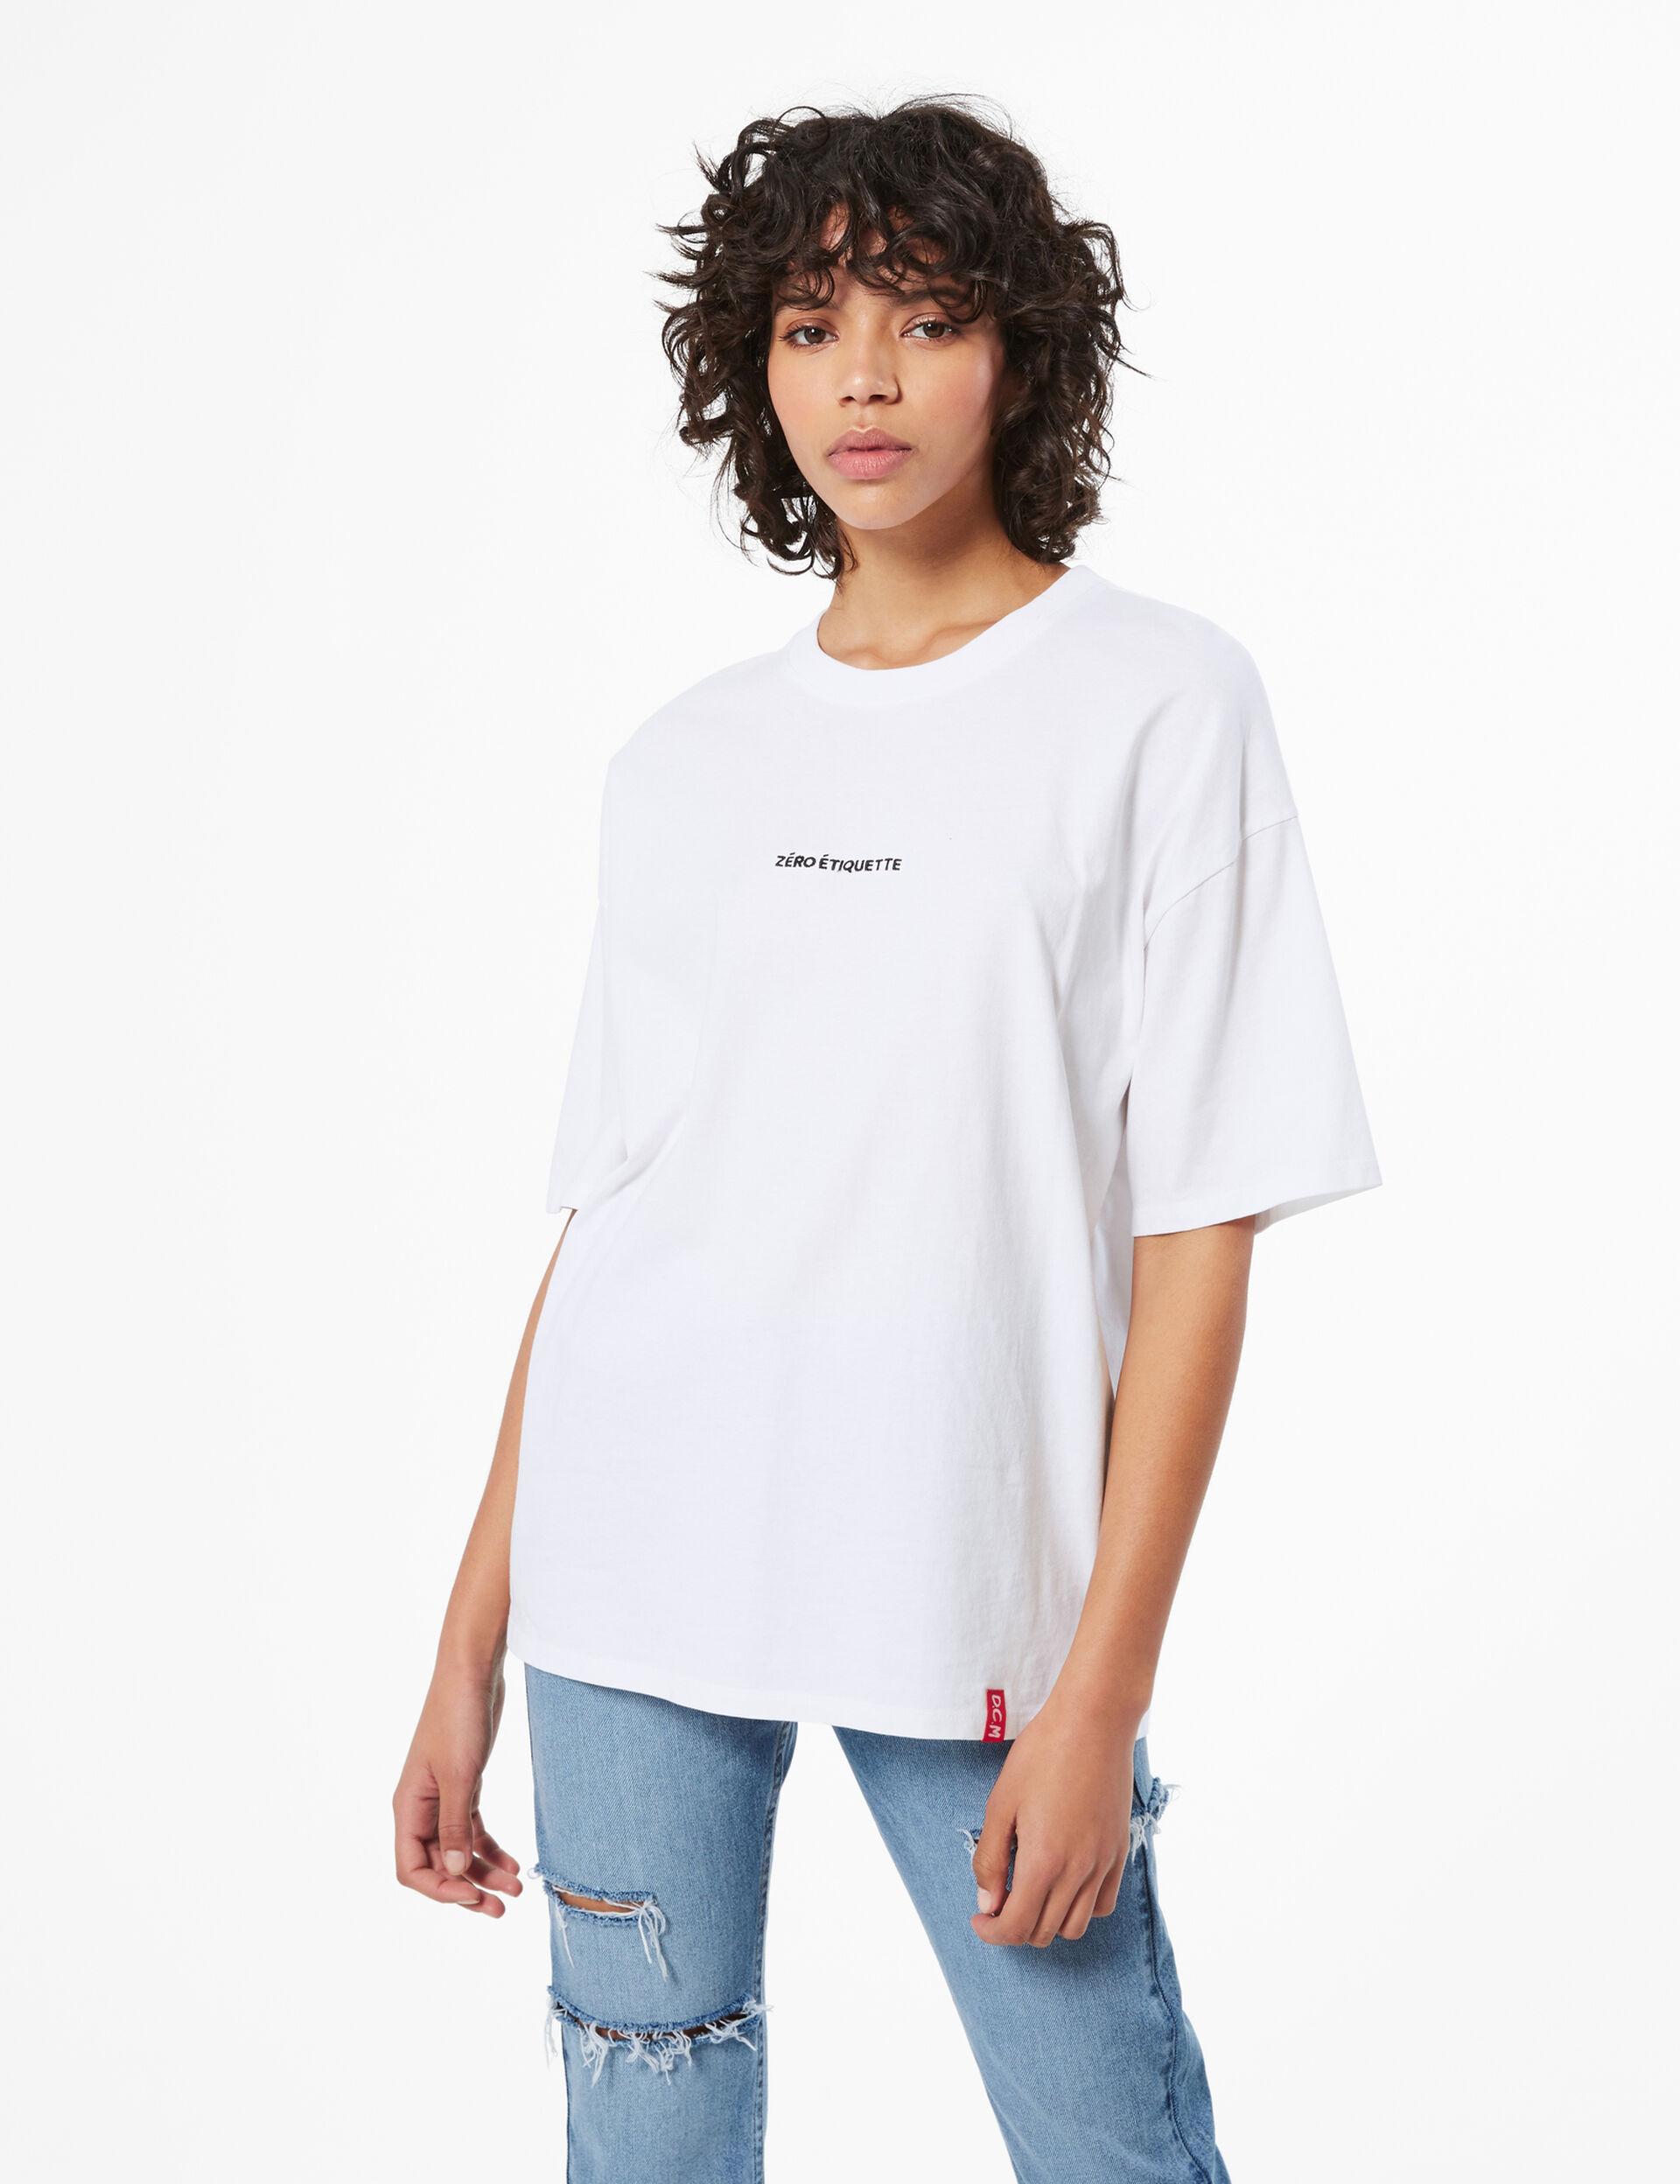 zéro étiquette T-shirt